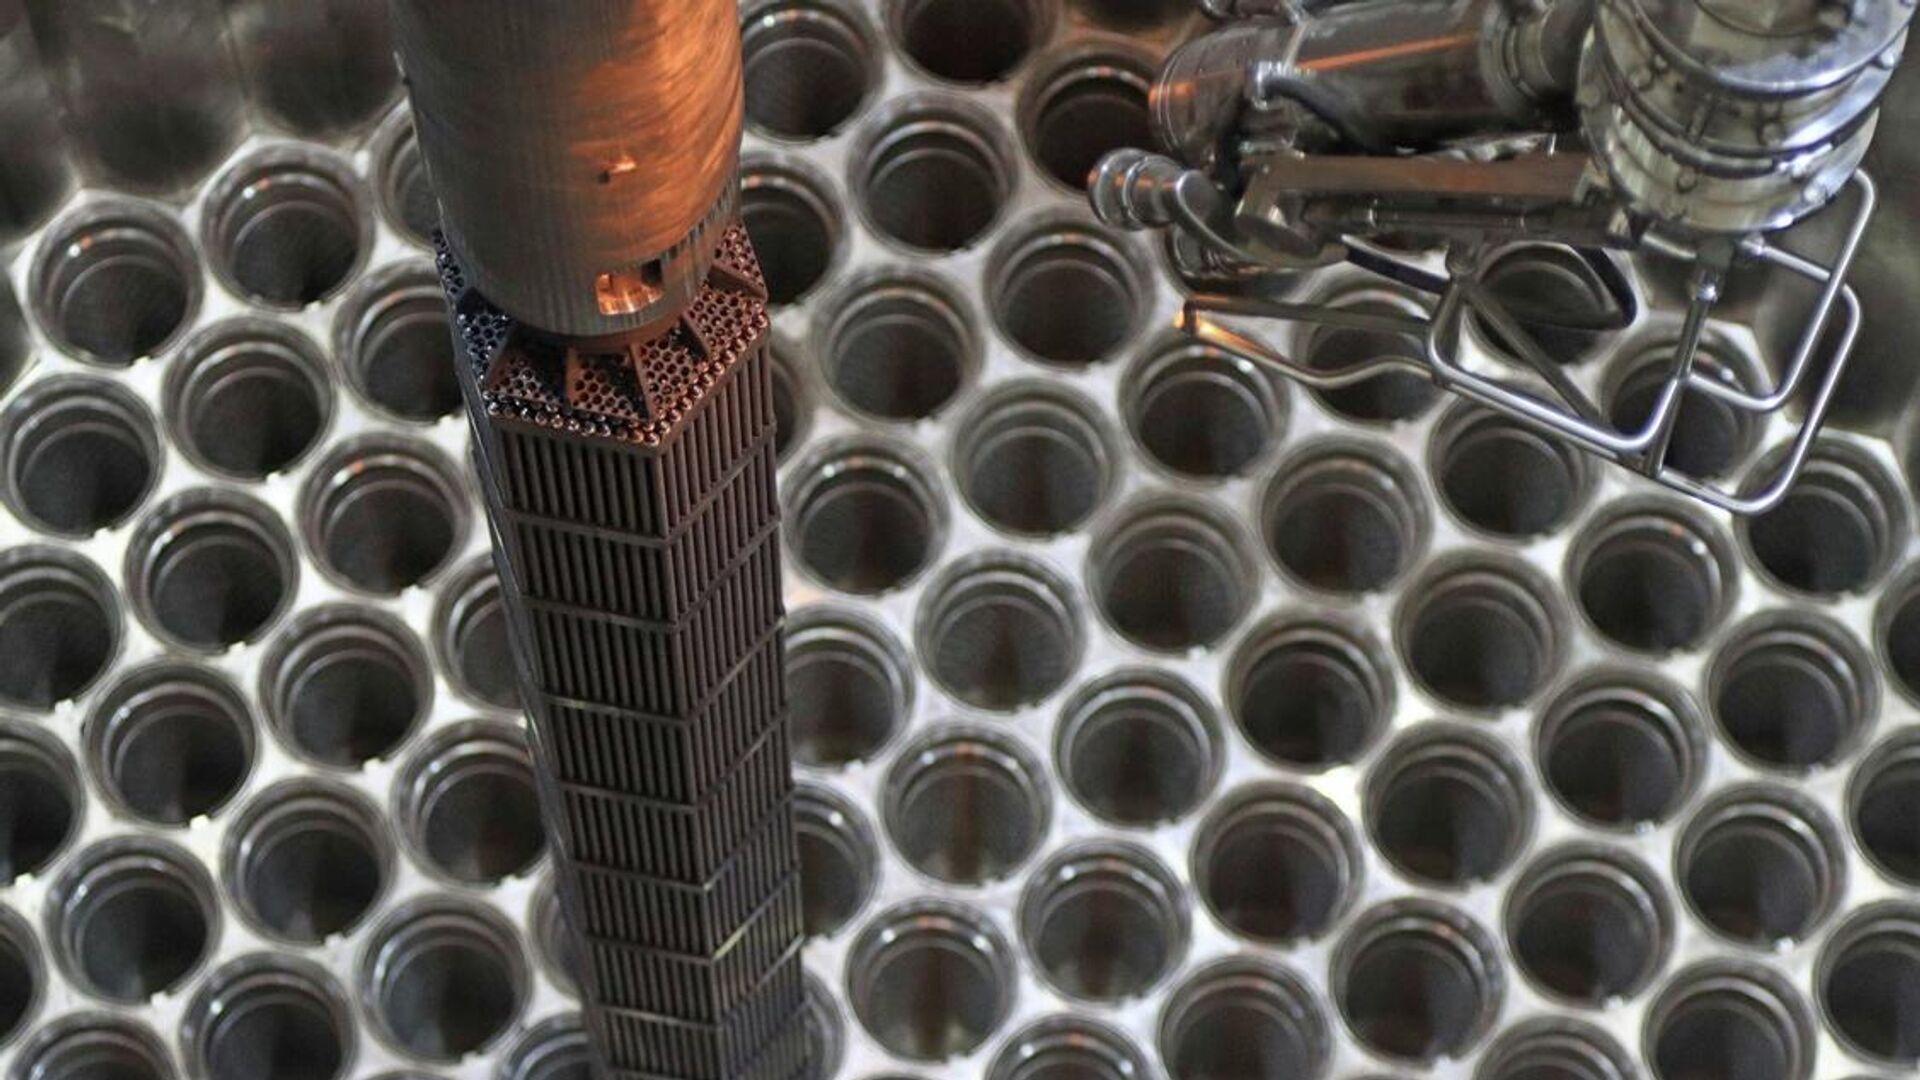 Загрузка имитаторов тепловыделяющих сборок (ИТВС) в реактор второго энергоблока Белорусской АЭС - РИА Новости, 1920, 07.03.2021